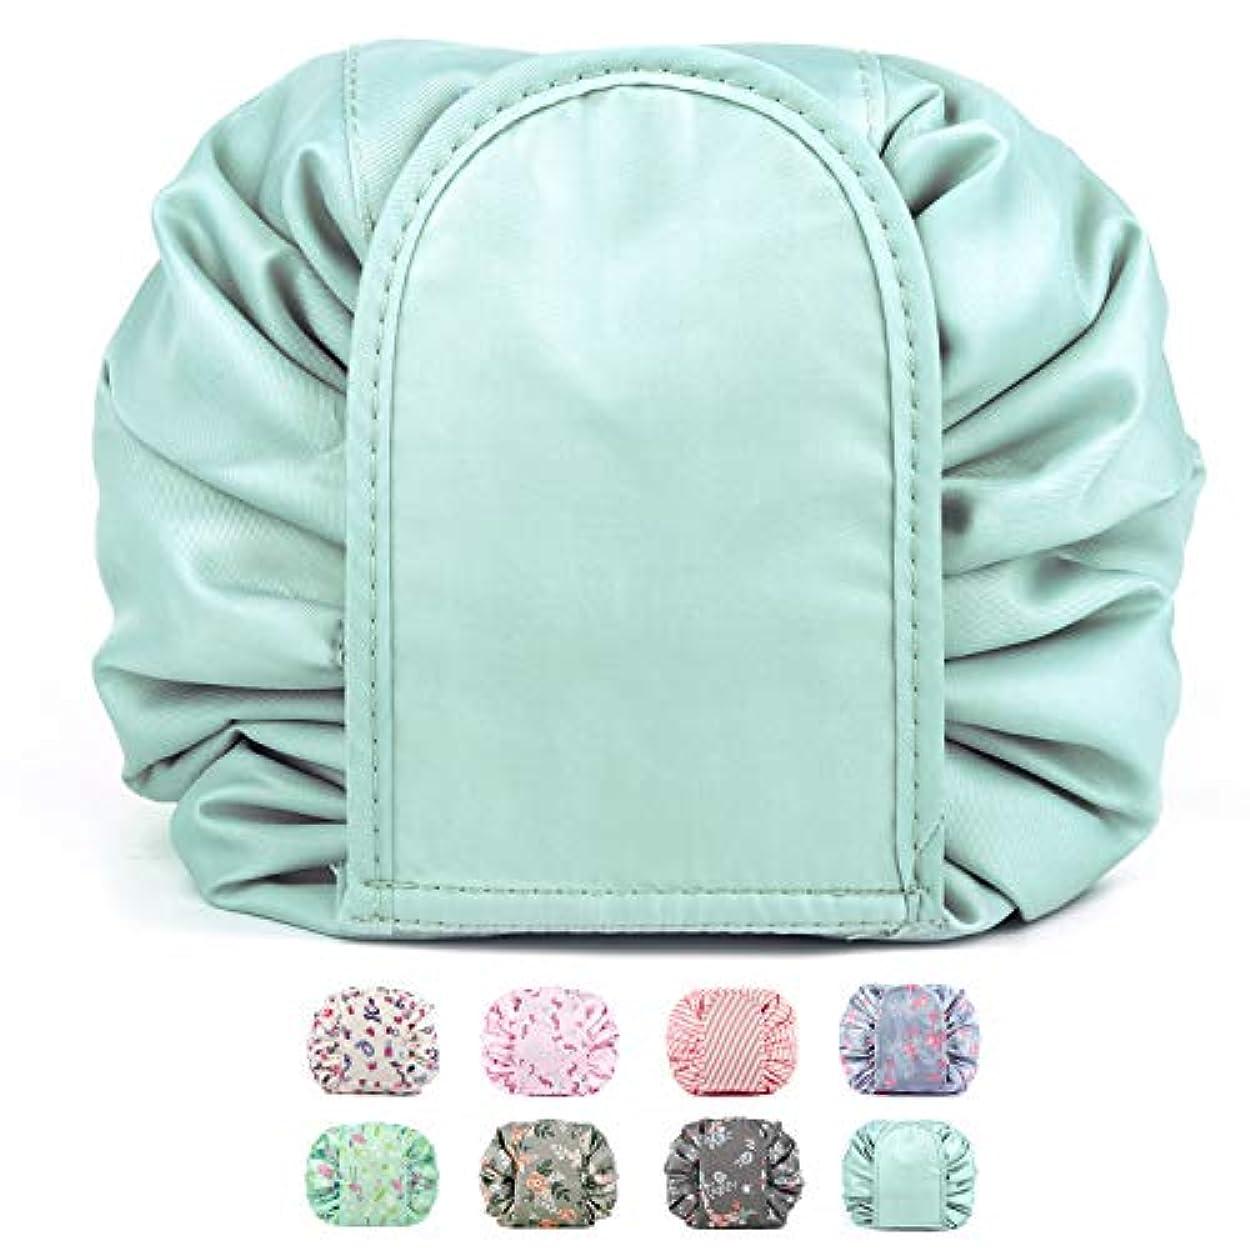 ピカソ指令ぬるいNarweyレイジー化粧バッグ ドローストリングコスメティックバッグ 大容量 防水 トラベルケース 化粧品収納袋 メイクポータブルバッグ レディース